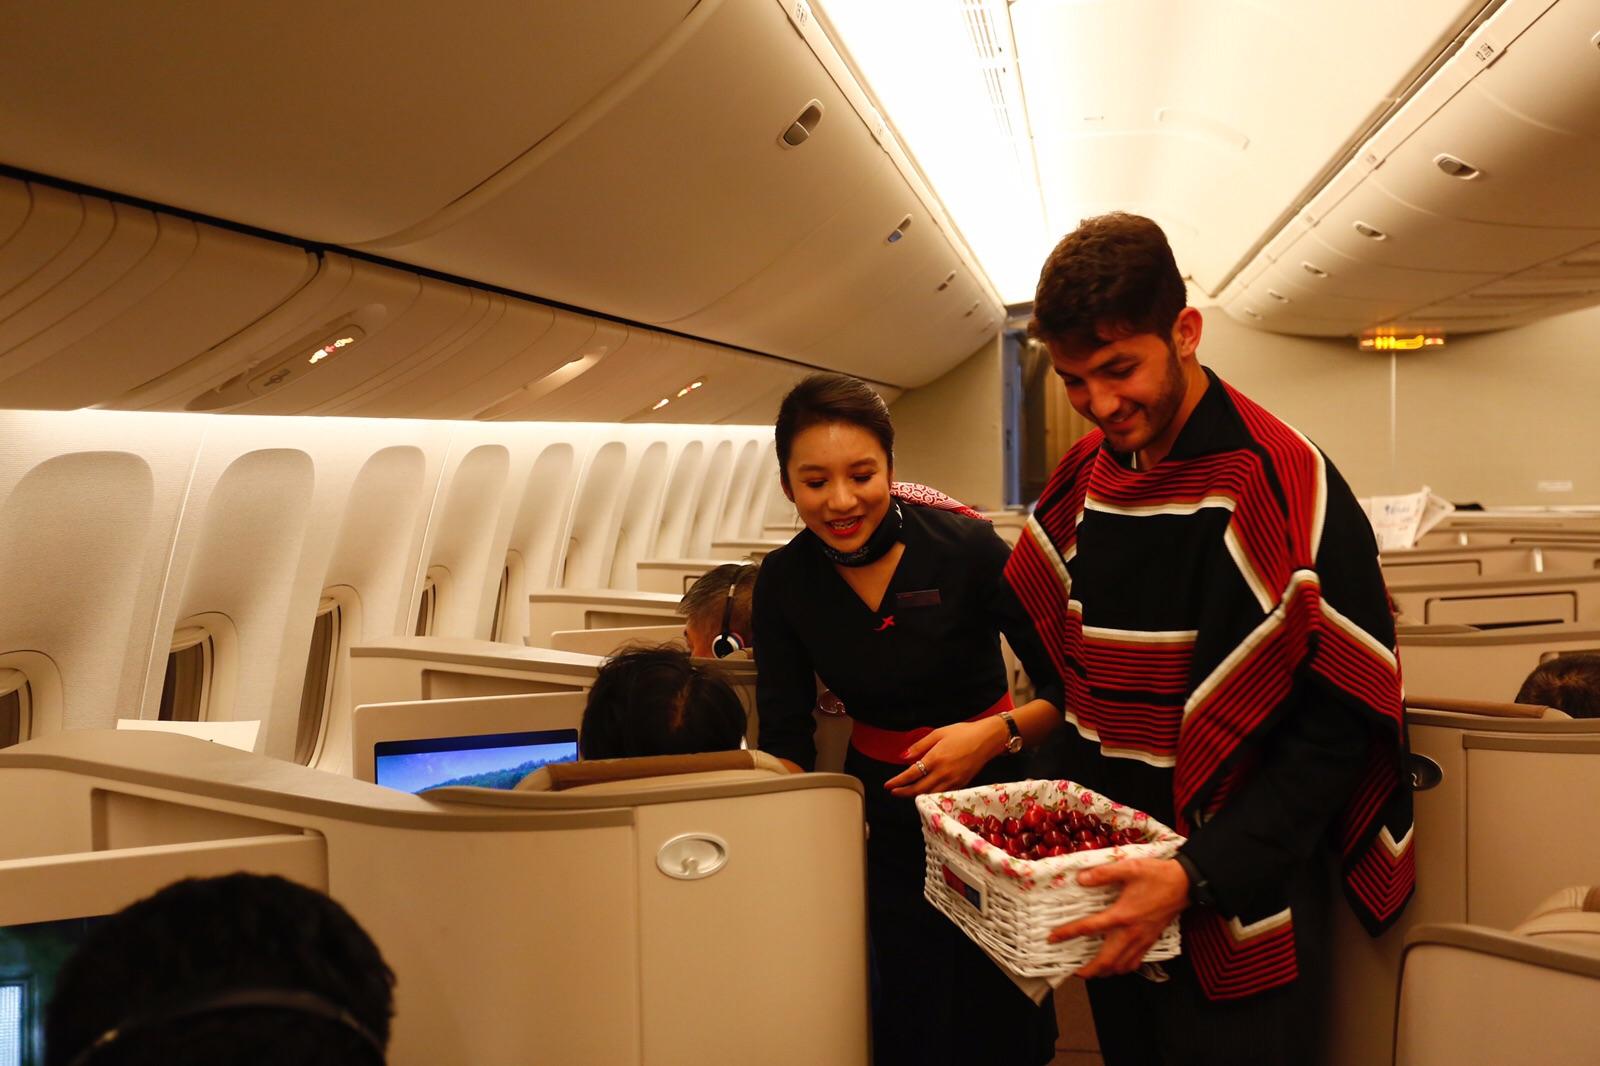 Cerezas de Chile despega con exitosa promoción en vuelos de China